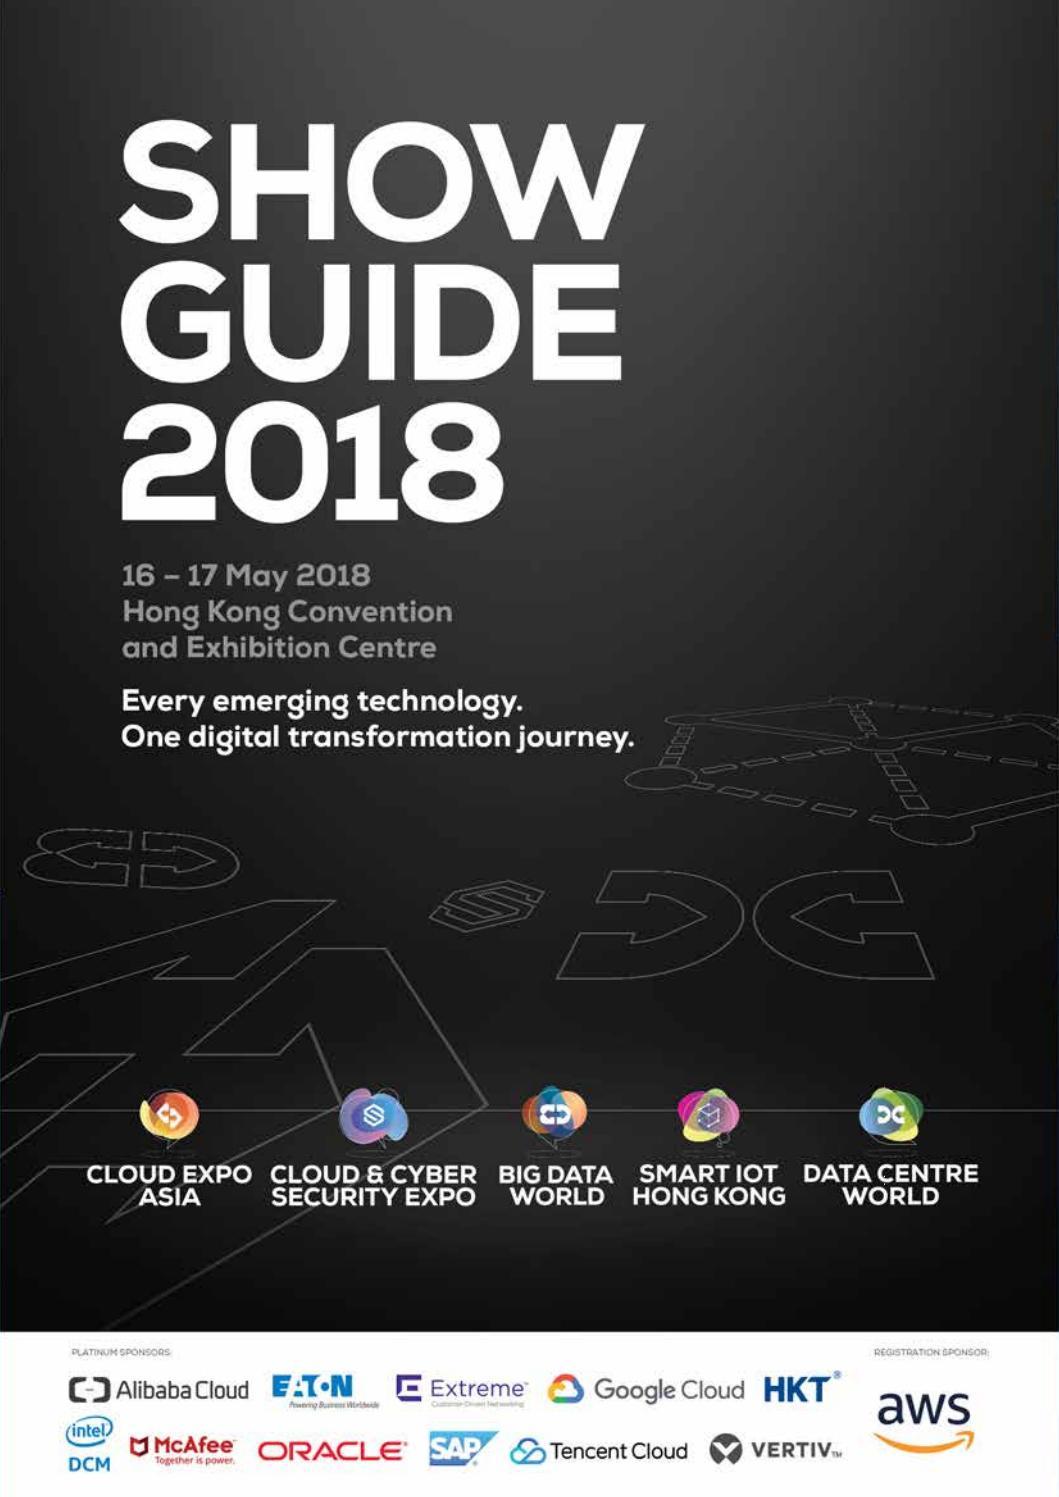 Cloud Expo Asia, Hong Kong Show Guide 2018 by Cloud Expo